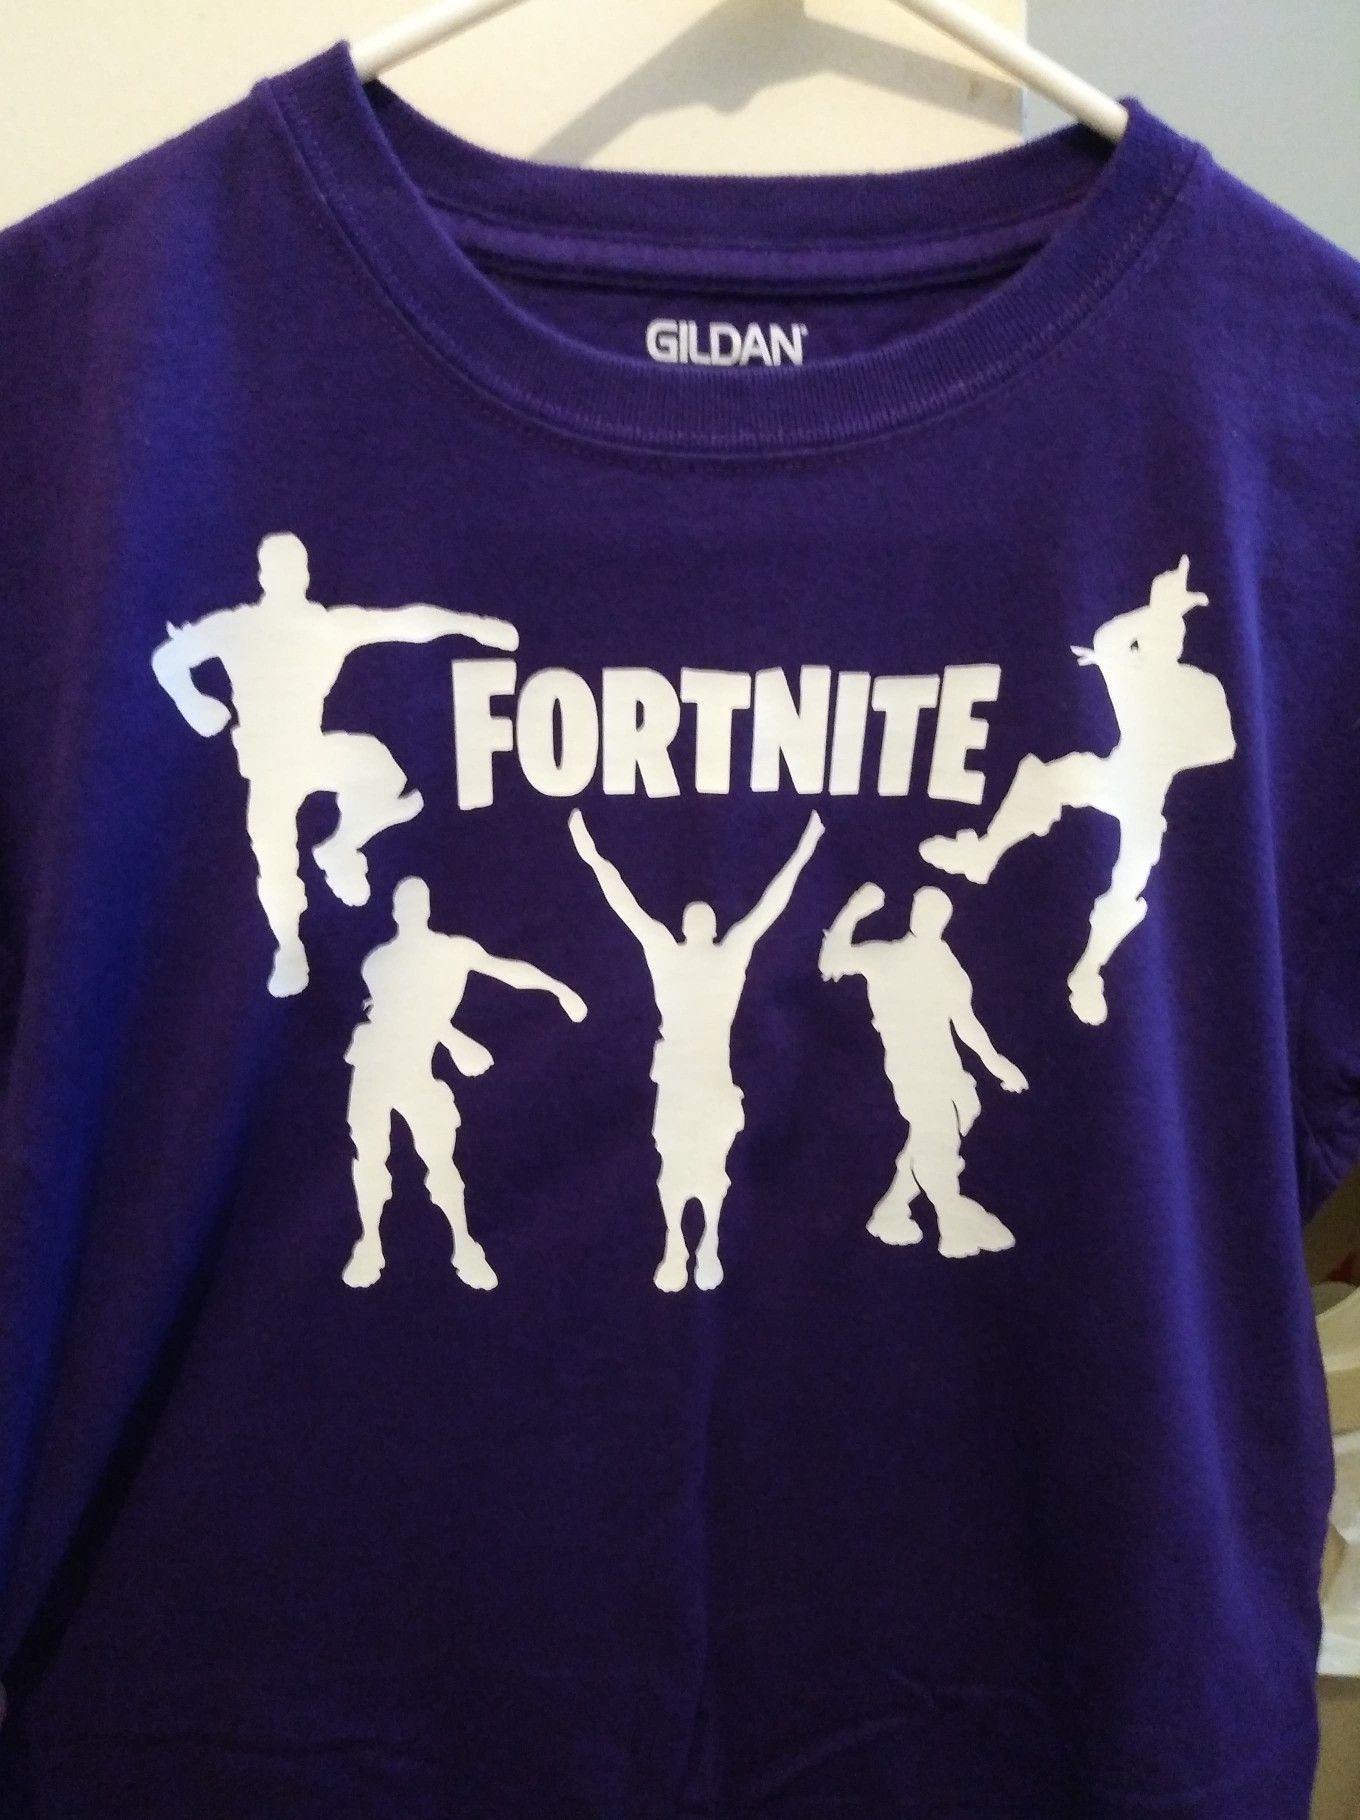 0d68ec921 Fortnite Shirt. Fortnite Dance Moves. Fortnite Life $15.00 | Boys ...